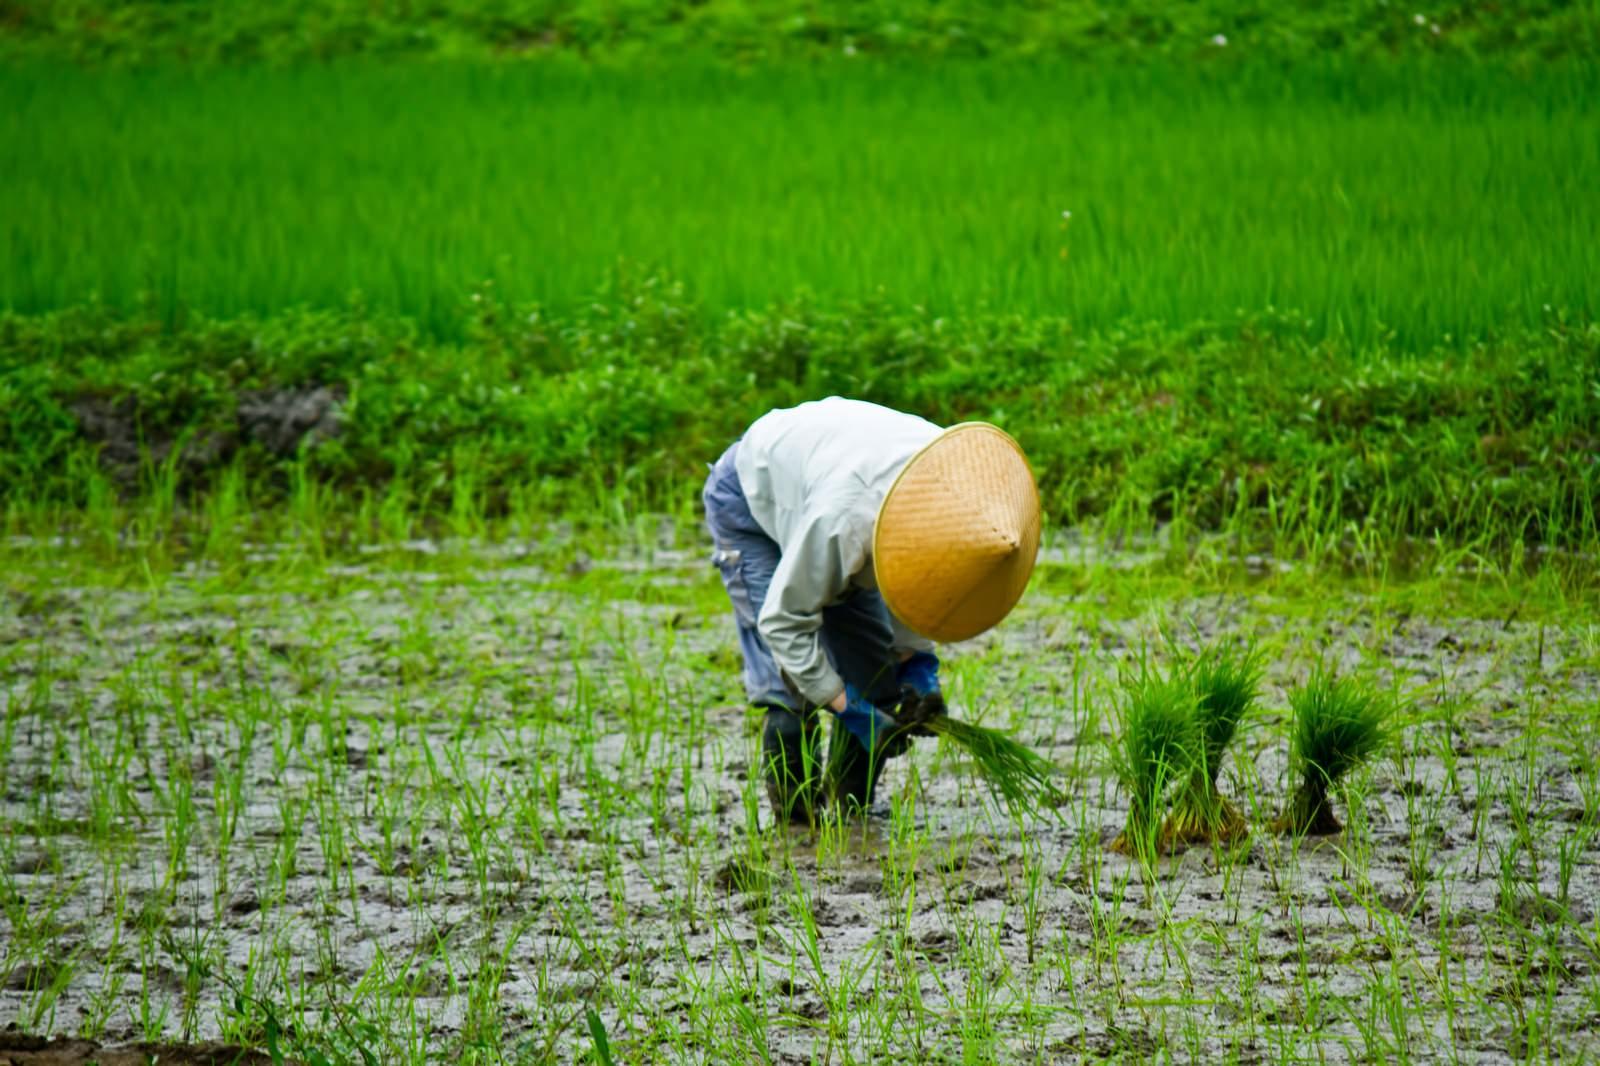 「手作業での田植え手作業での田植え」のフリー写真素材